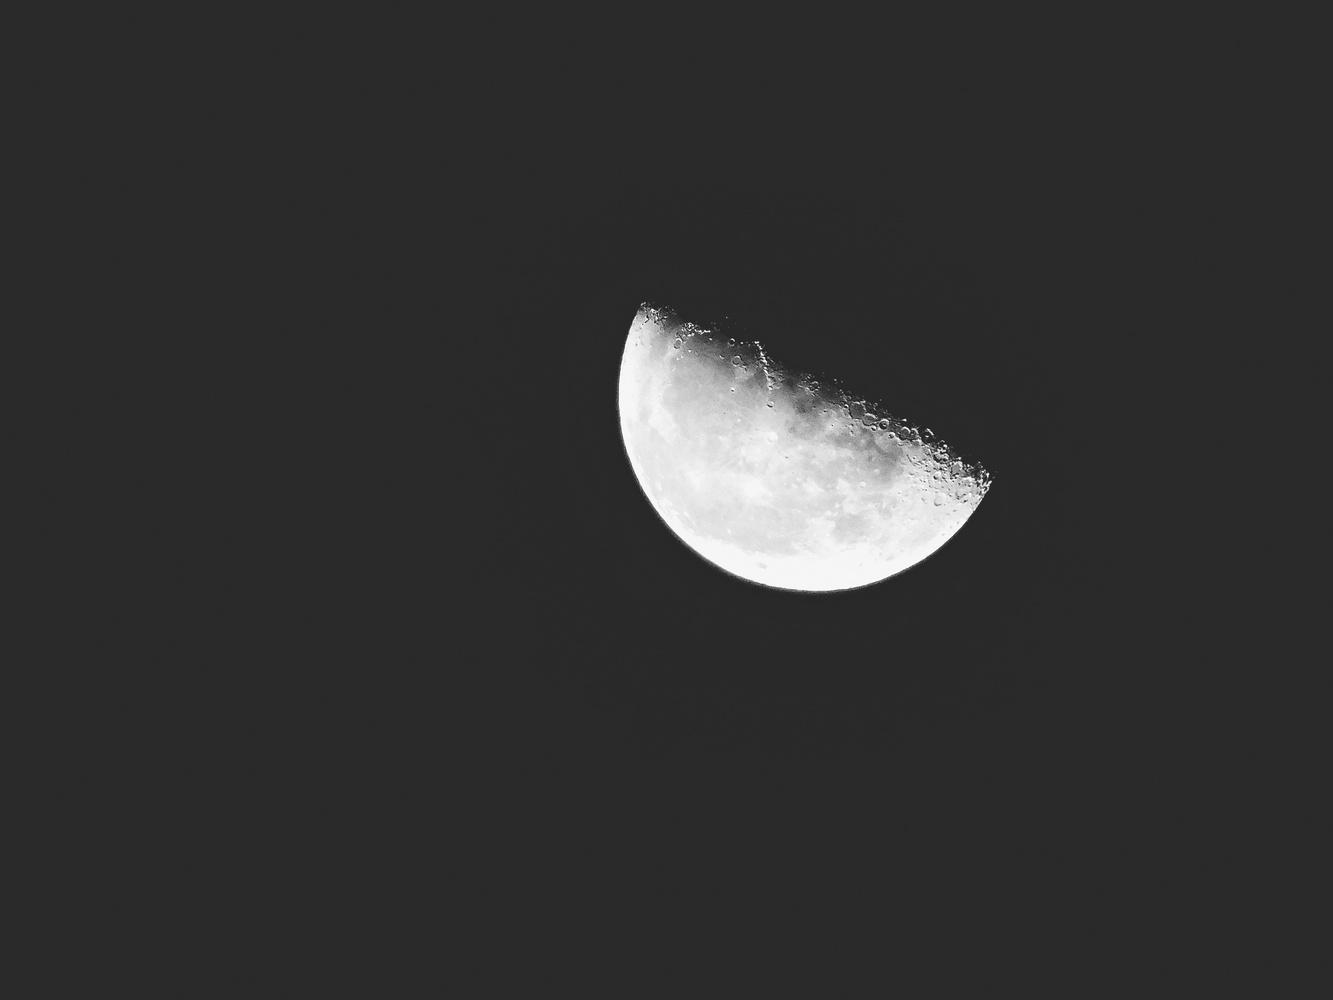 Moon by Andrej Nestorovski